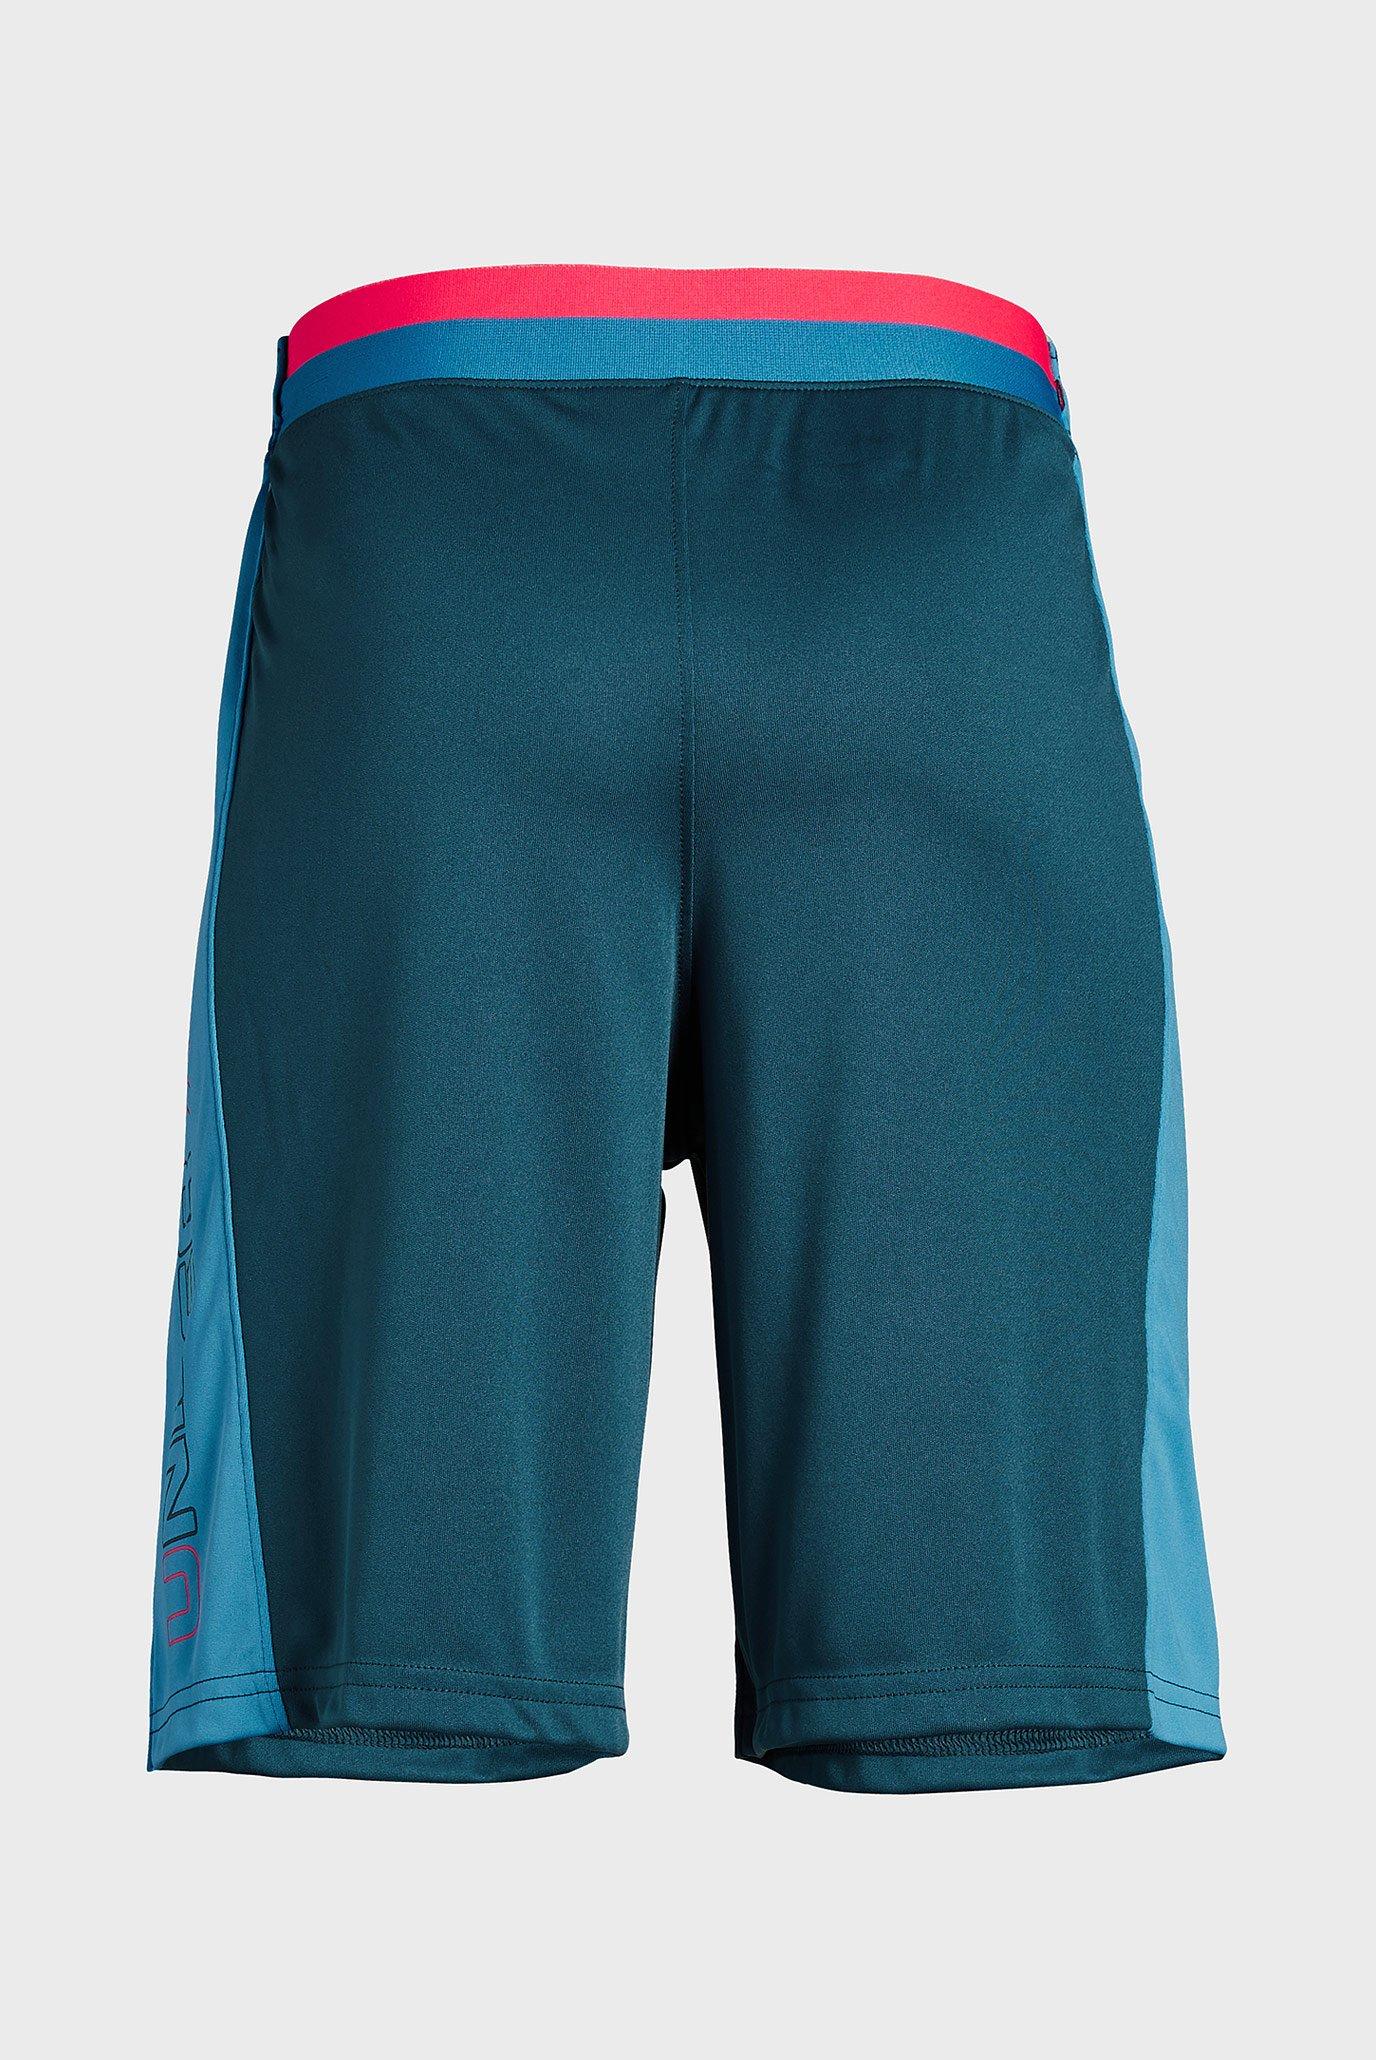 Купить Детские синие шорты Stunt 2.0 Short Under Armour Under Armour 1329007-437 – Киев, Украина. Цены в интернет магазине MD Fashion